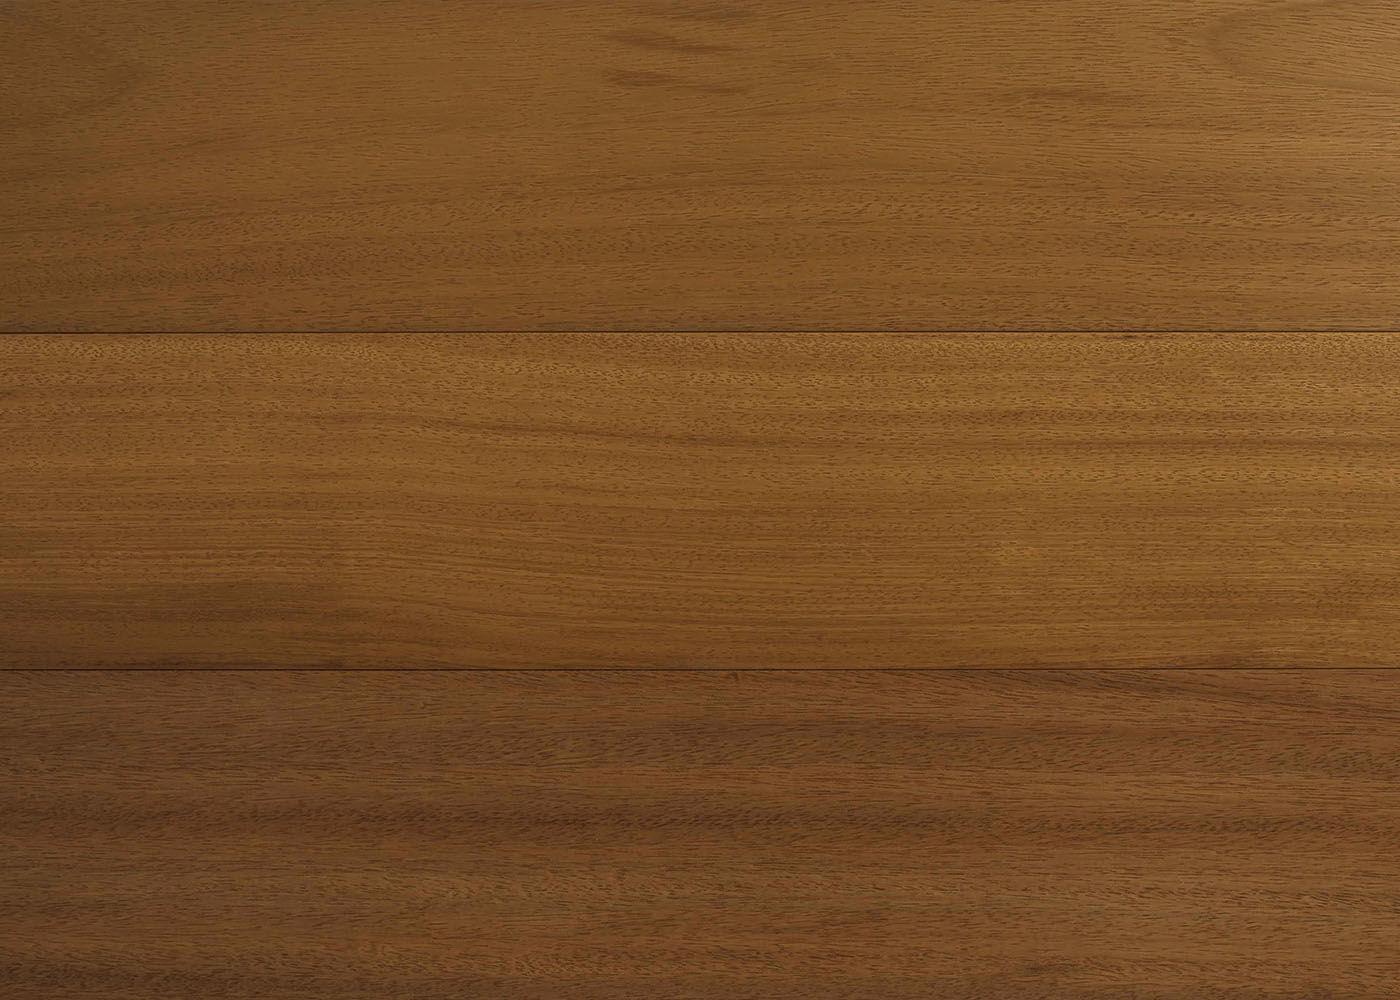 Legno Per Parquet Africano parquet multistrato - extra - berti pavimenti legno - da